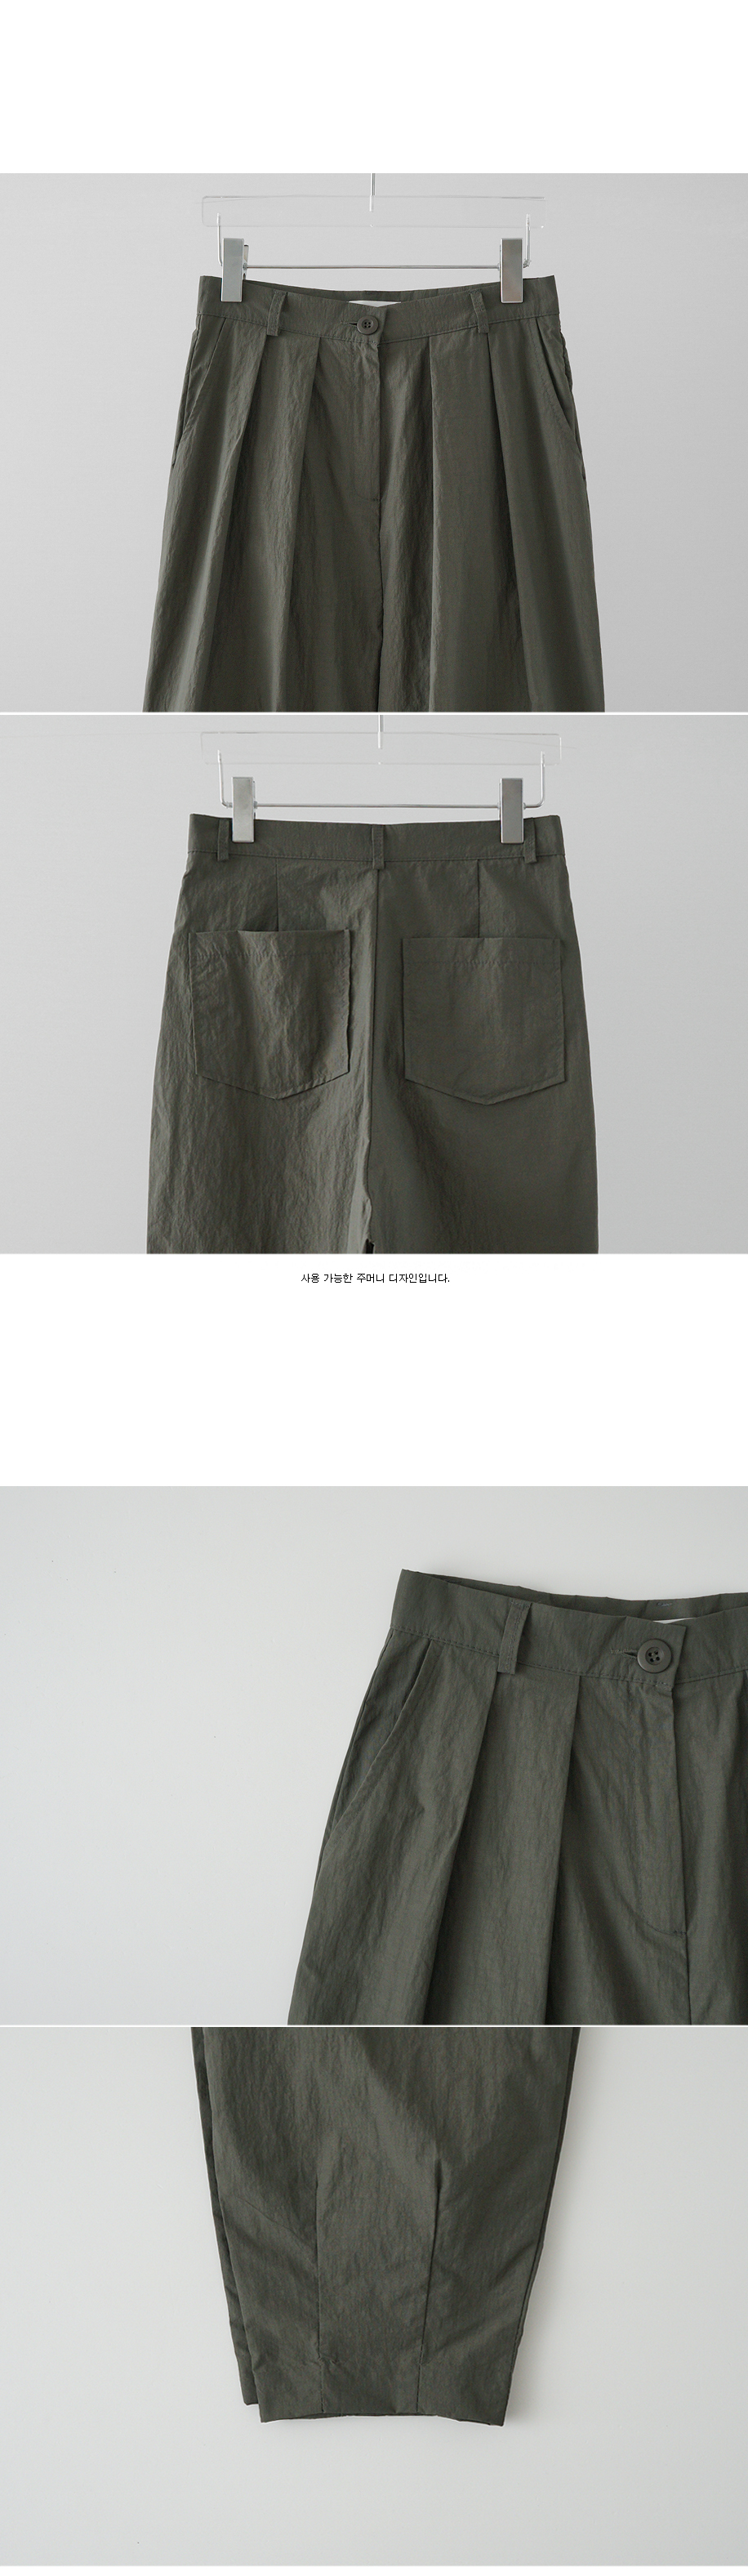 crispy mood pintuck pants